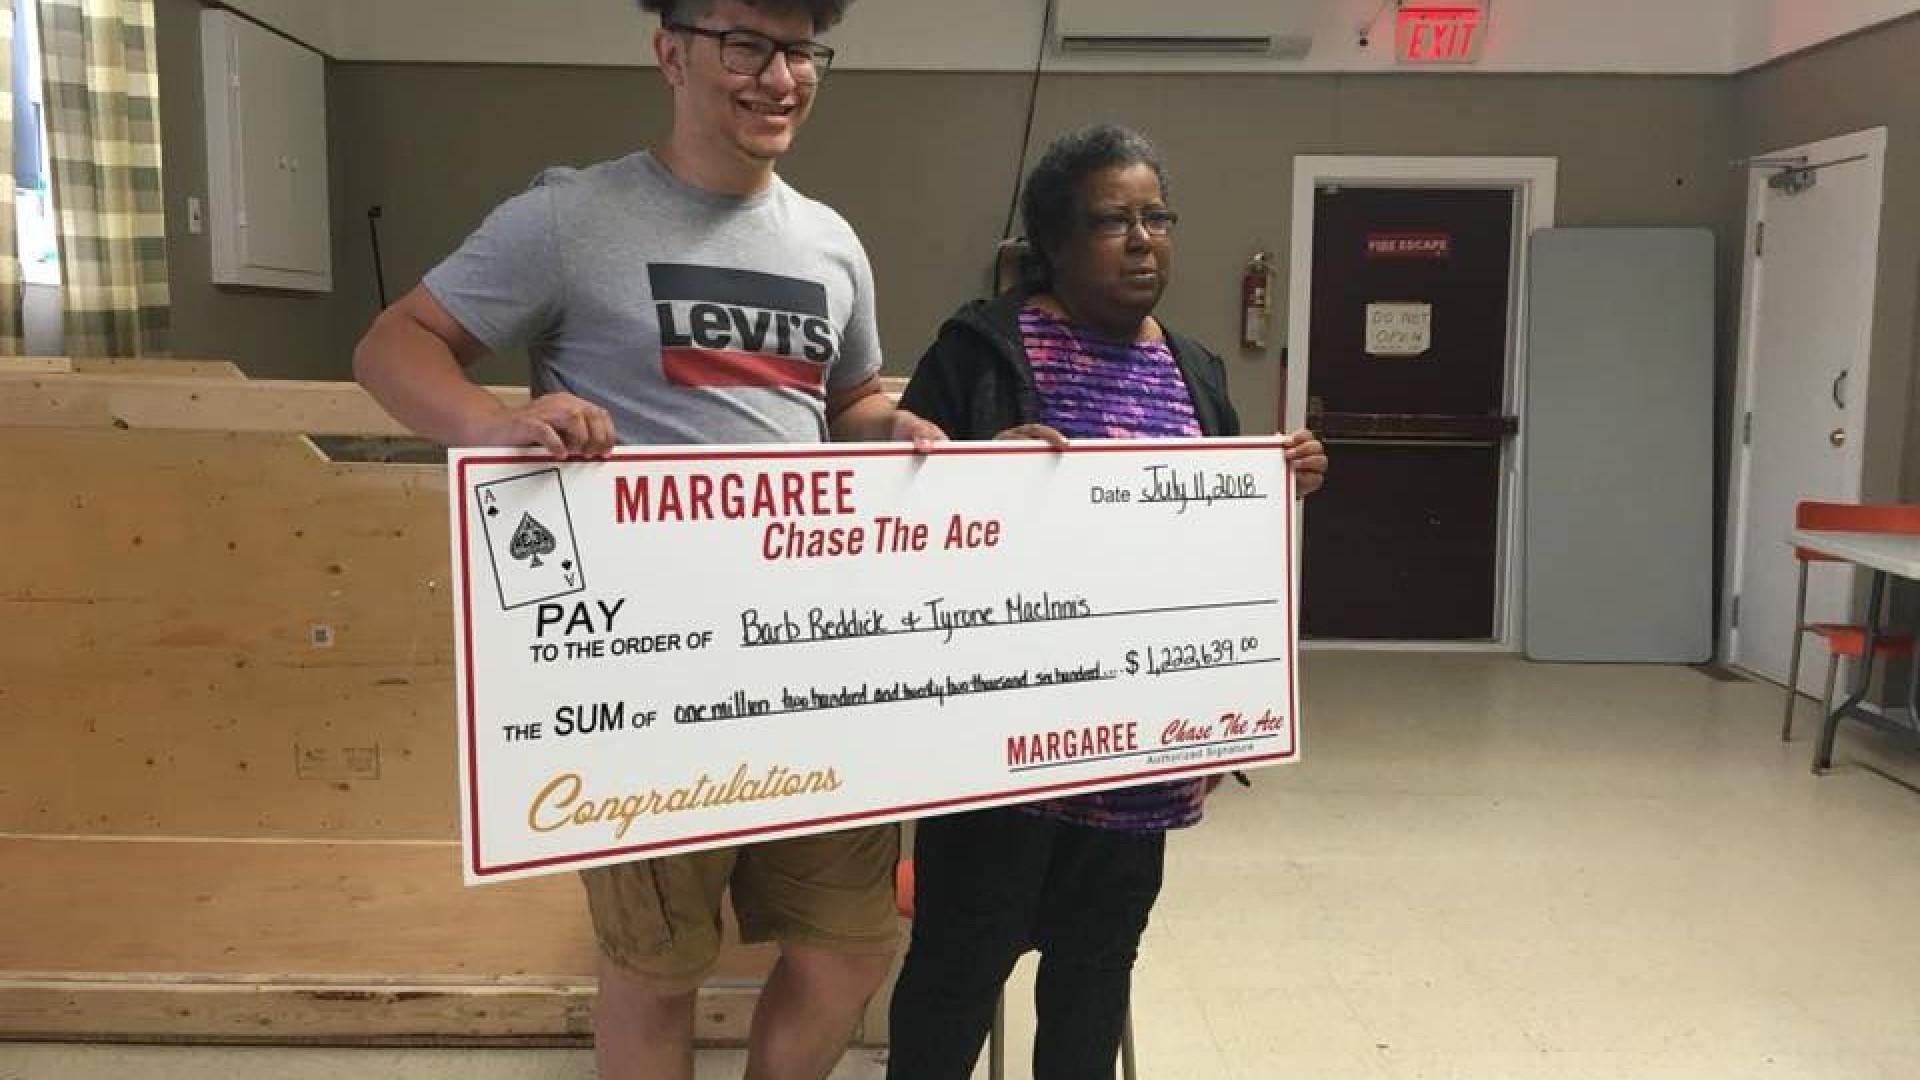 Maldição do dinheiro: Tia não quer dividir prémio da lotaria com sobrinho